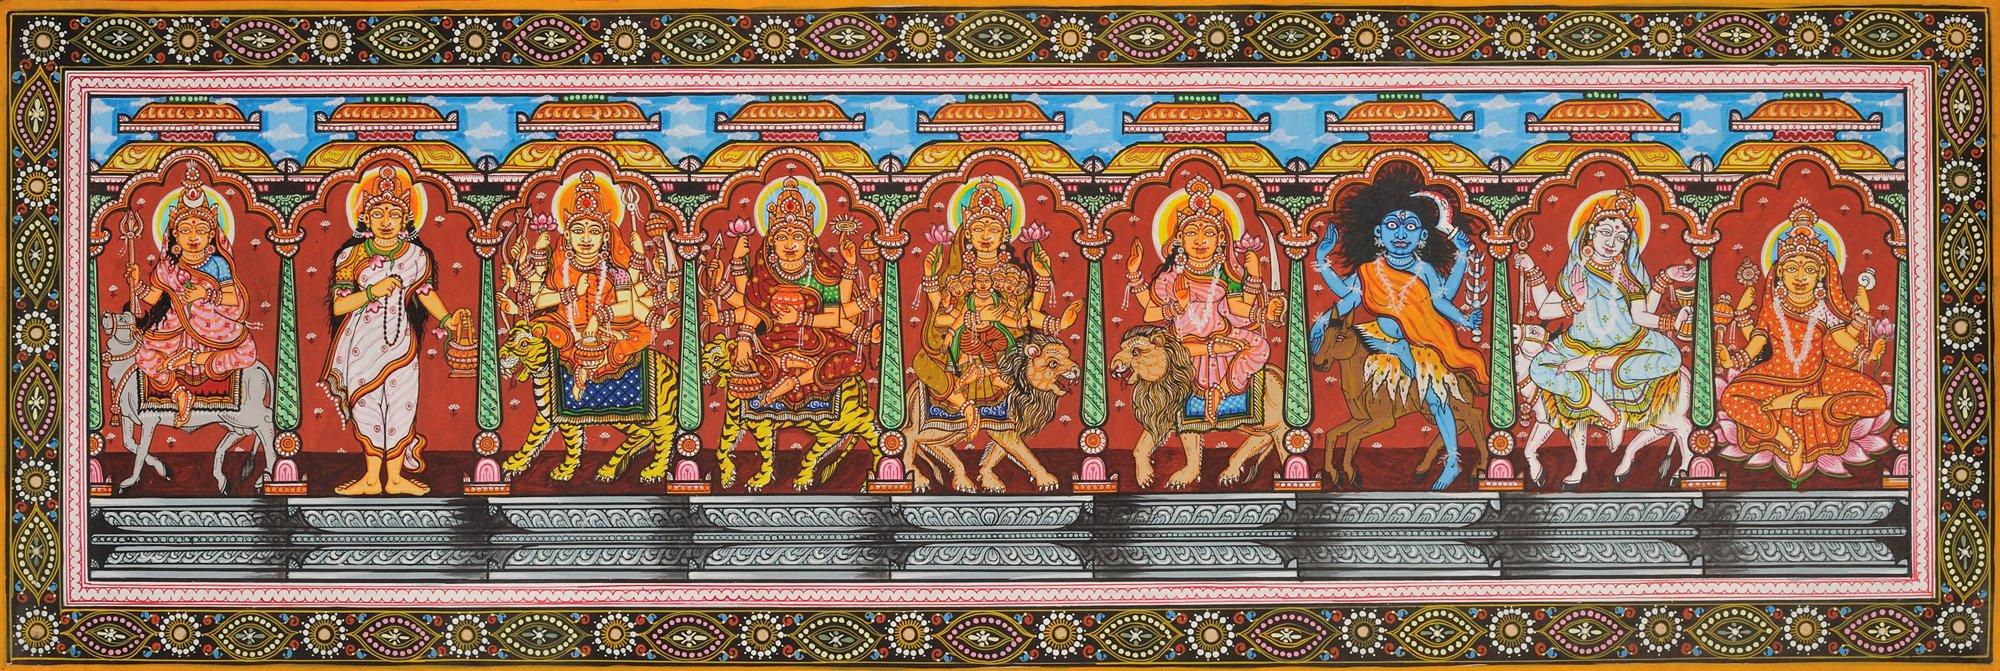 The Ten Mahavidyas - Water Color Painting on Patti - Folk Art From The Temple Town Puri (Orissa)